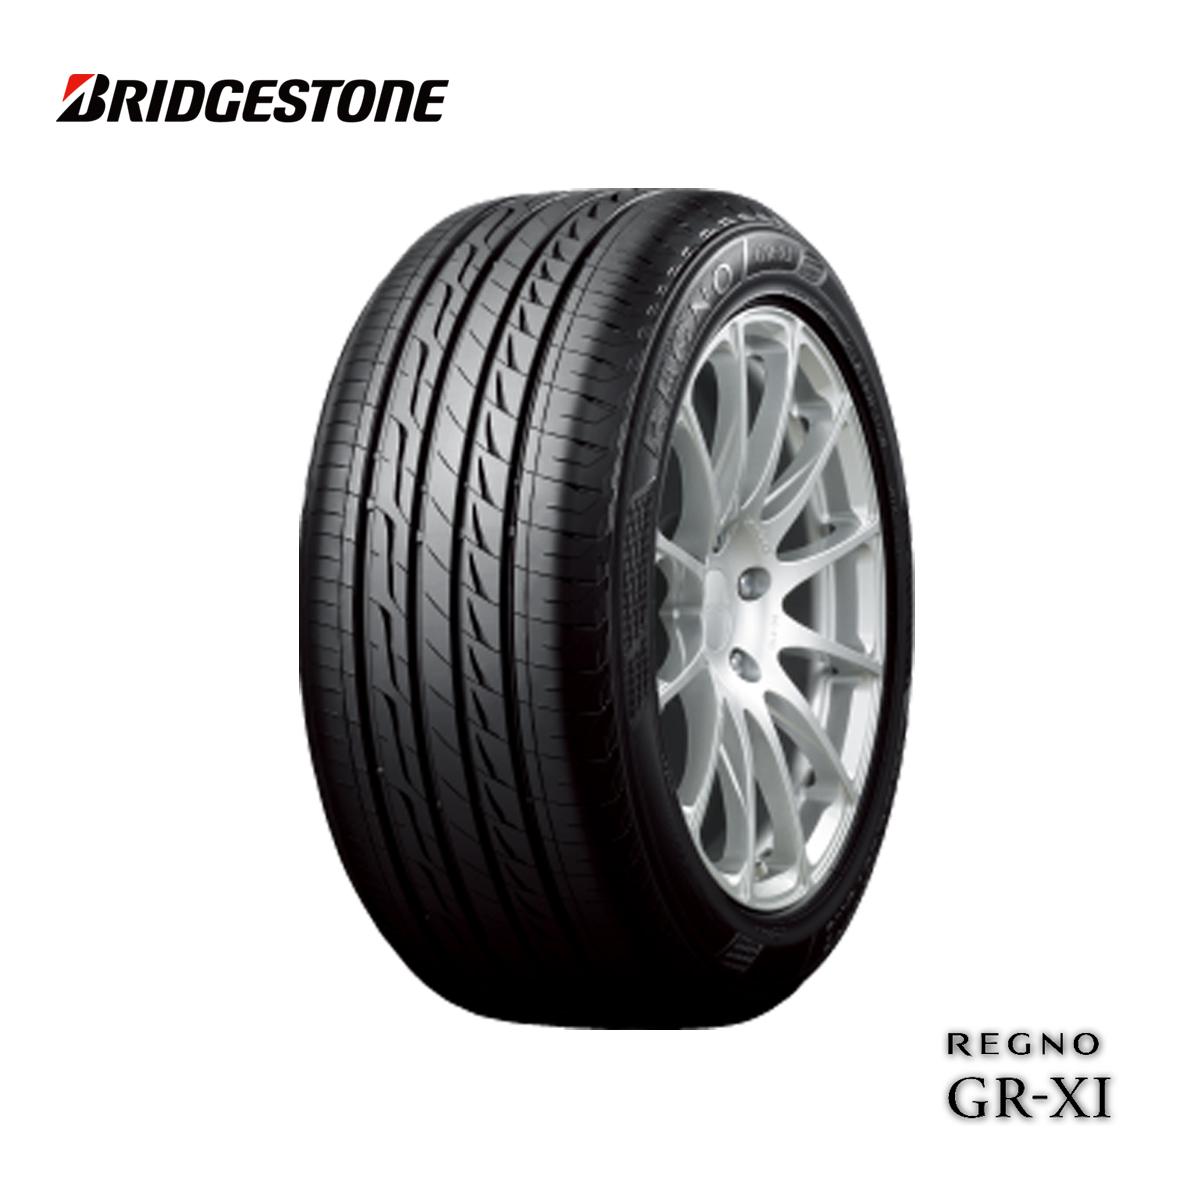 ブリヂストンBS17インチタイヤ235/50R172355017レグノサマータイヤ4本低燃費エコ夏サマータイヤ国産BRIDGESTONEREGNOGR-XI